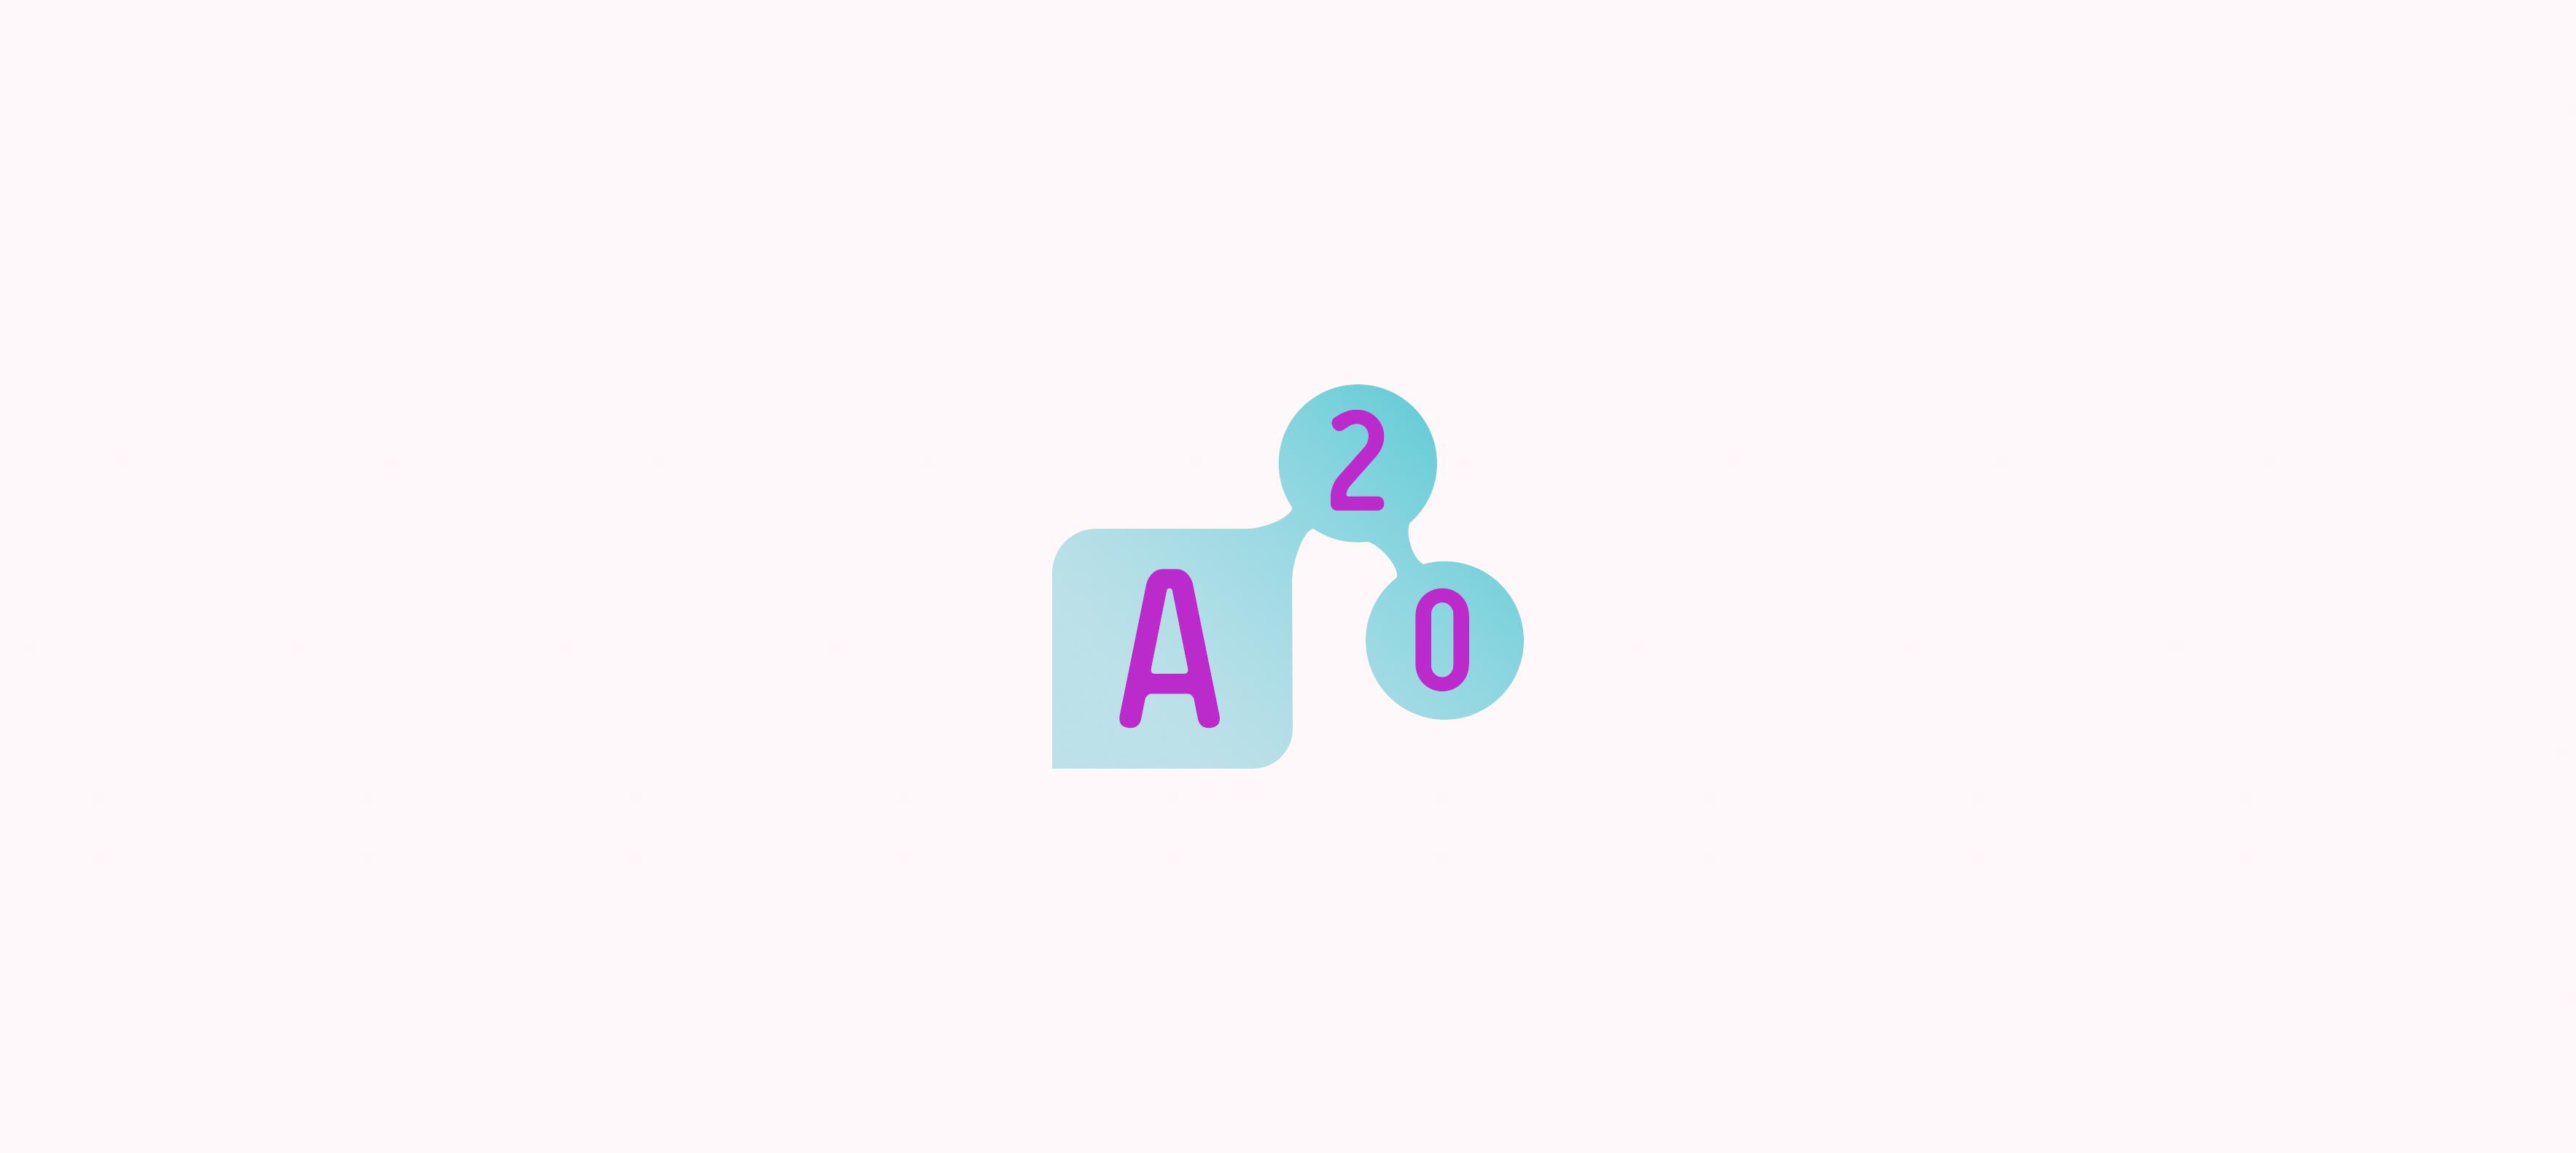 """Фирменный стиль для научного портала """"Атомная энергия 2.0"""" фото f_38259fcb28bac9c2.jpg"""